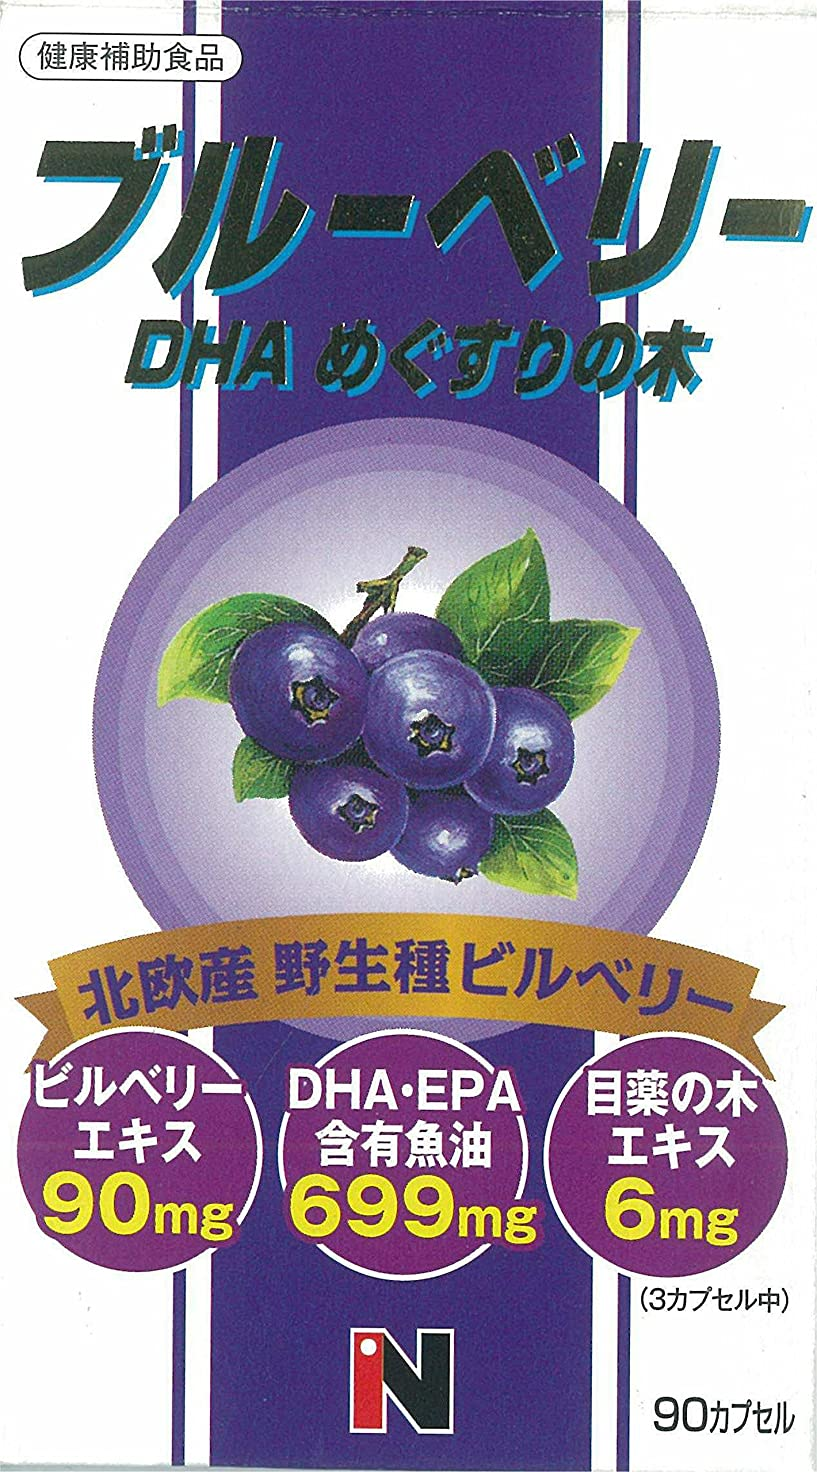 レトルトフリッパーこのブルーベリー+DHA+メグスリの木混合 450mg×90粒